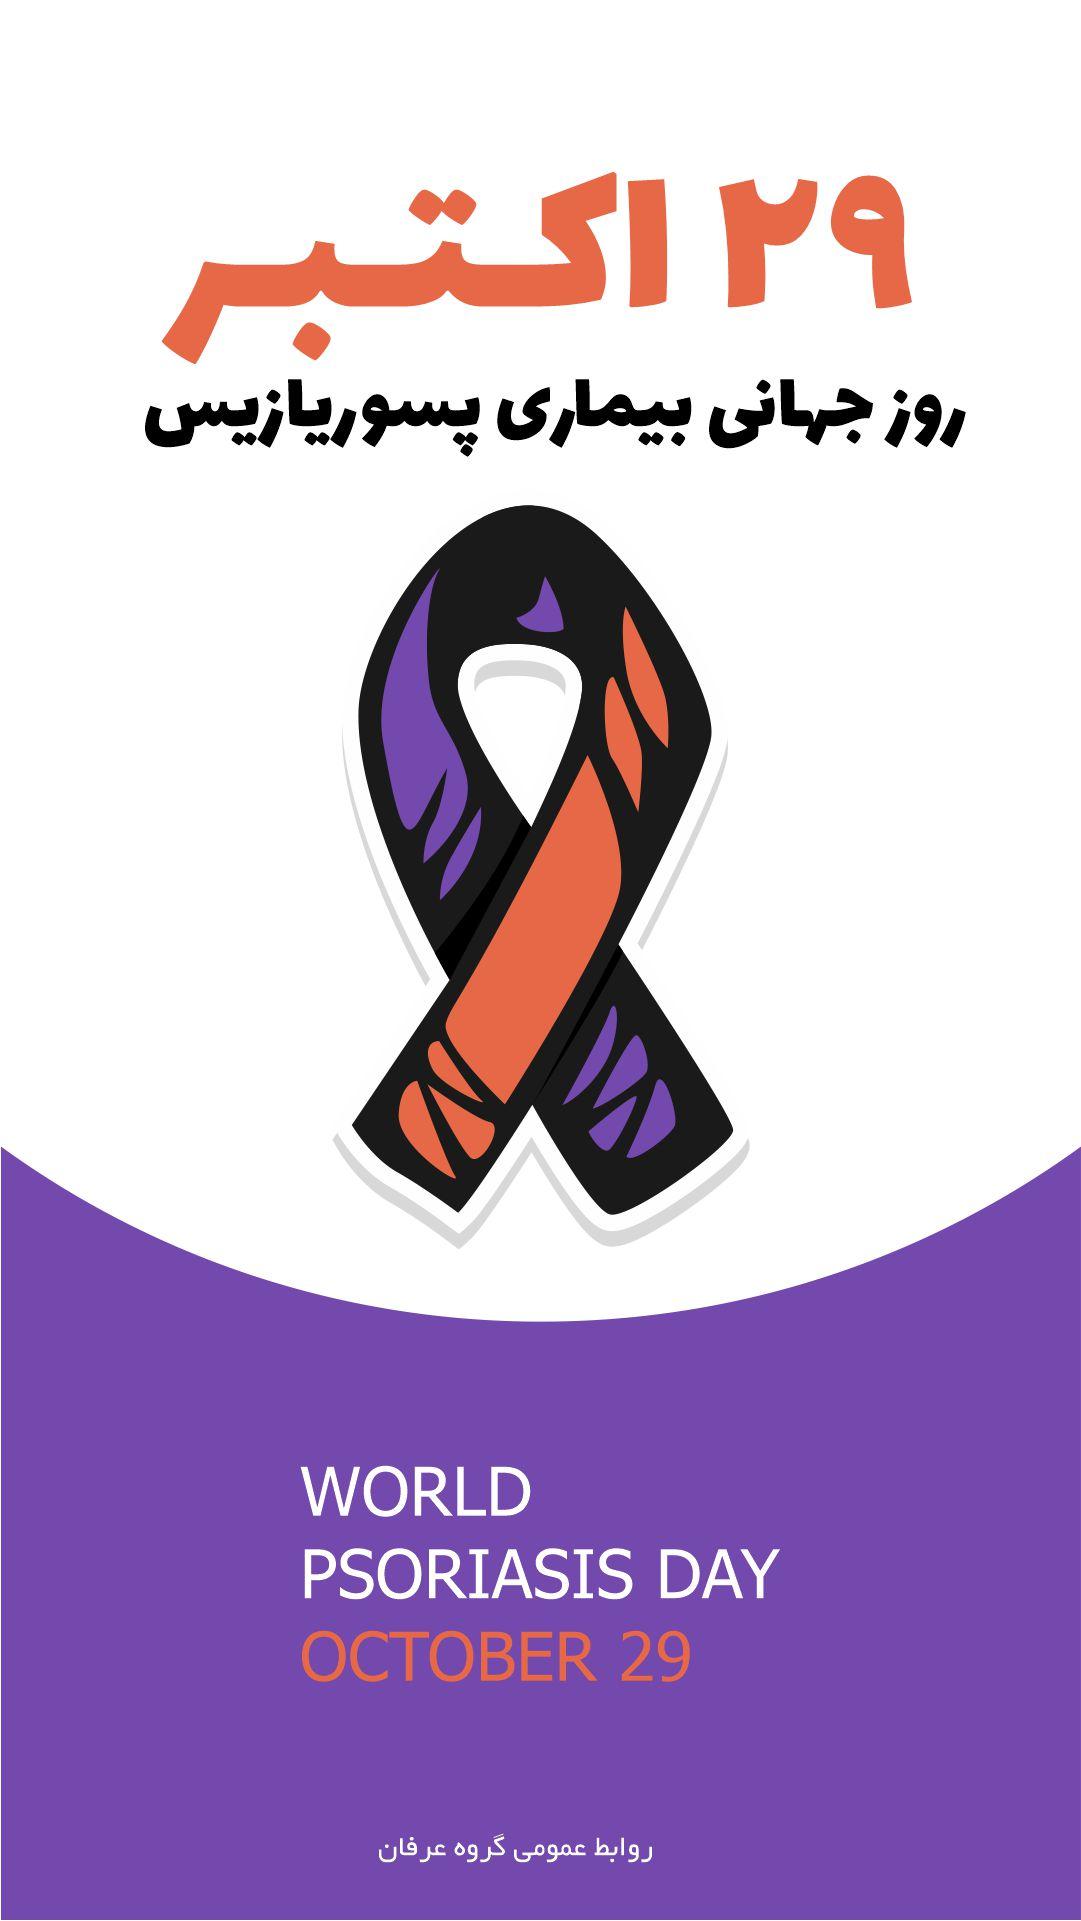 روز جهانی بیماری پسوریازیس